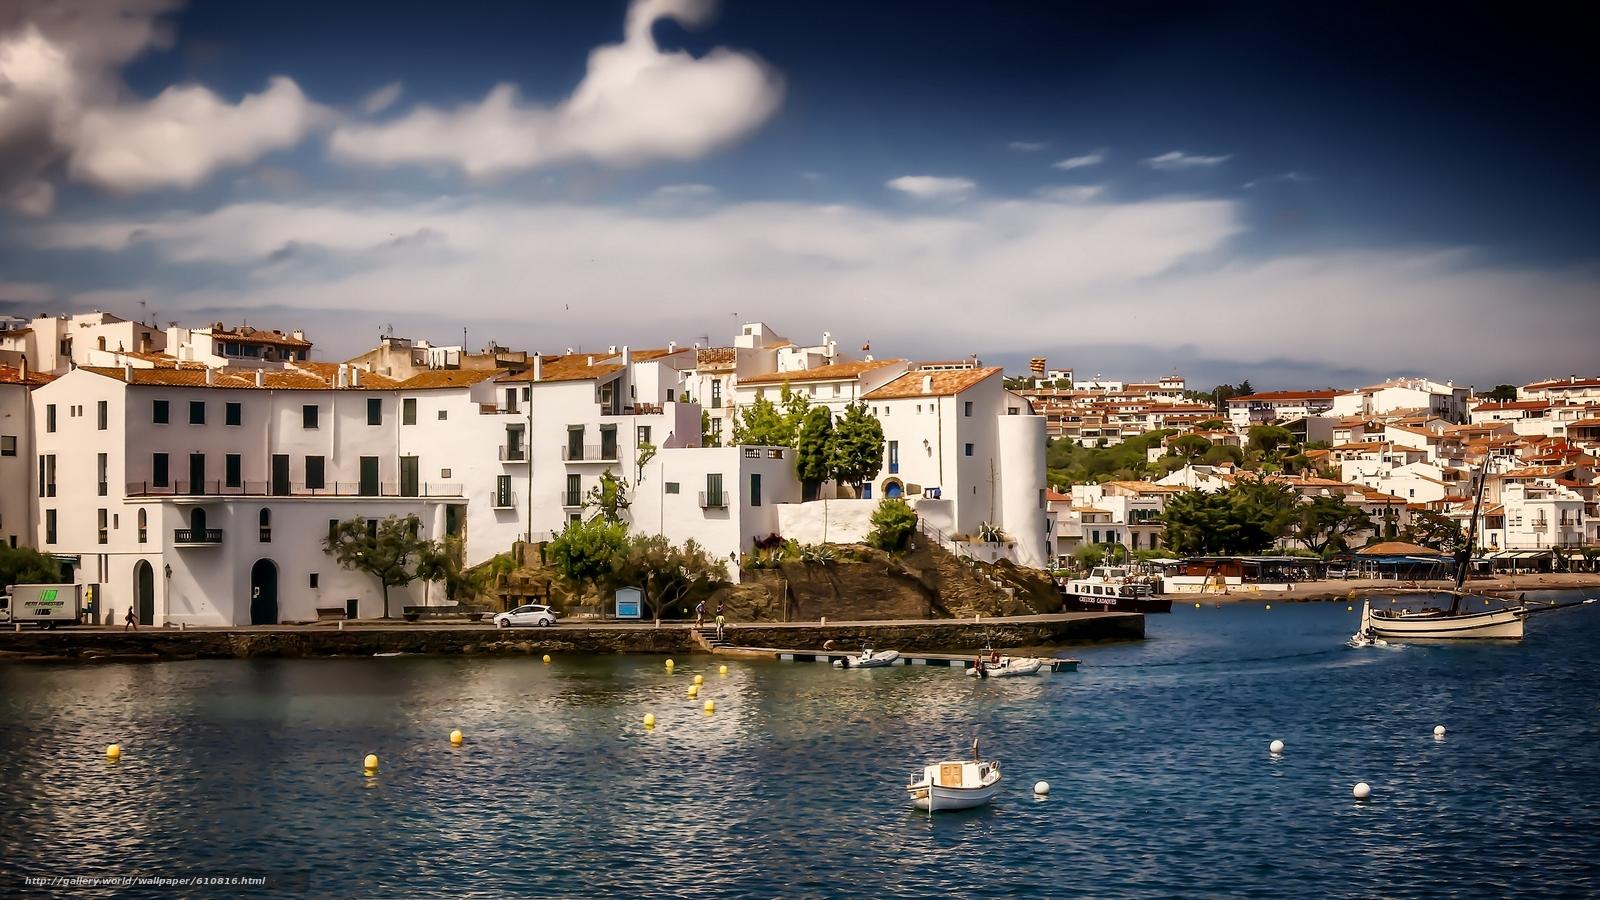 Скачать обои Cadaques,  Catalonia,  Spain,  Mediterranean Sea бесплатно для рабочего стола в разрешении 2560x1440 — картинка №610816